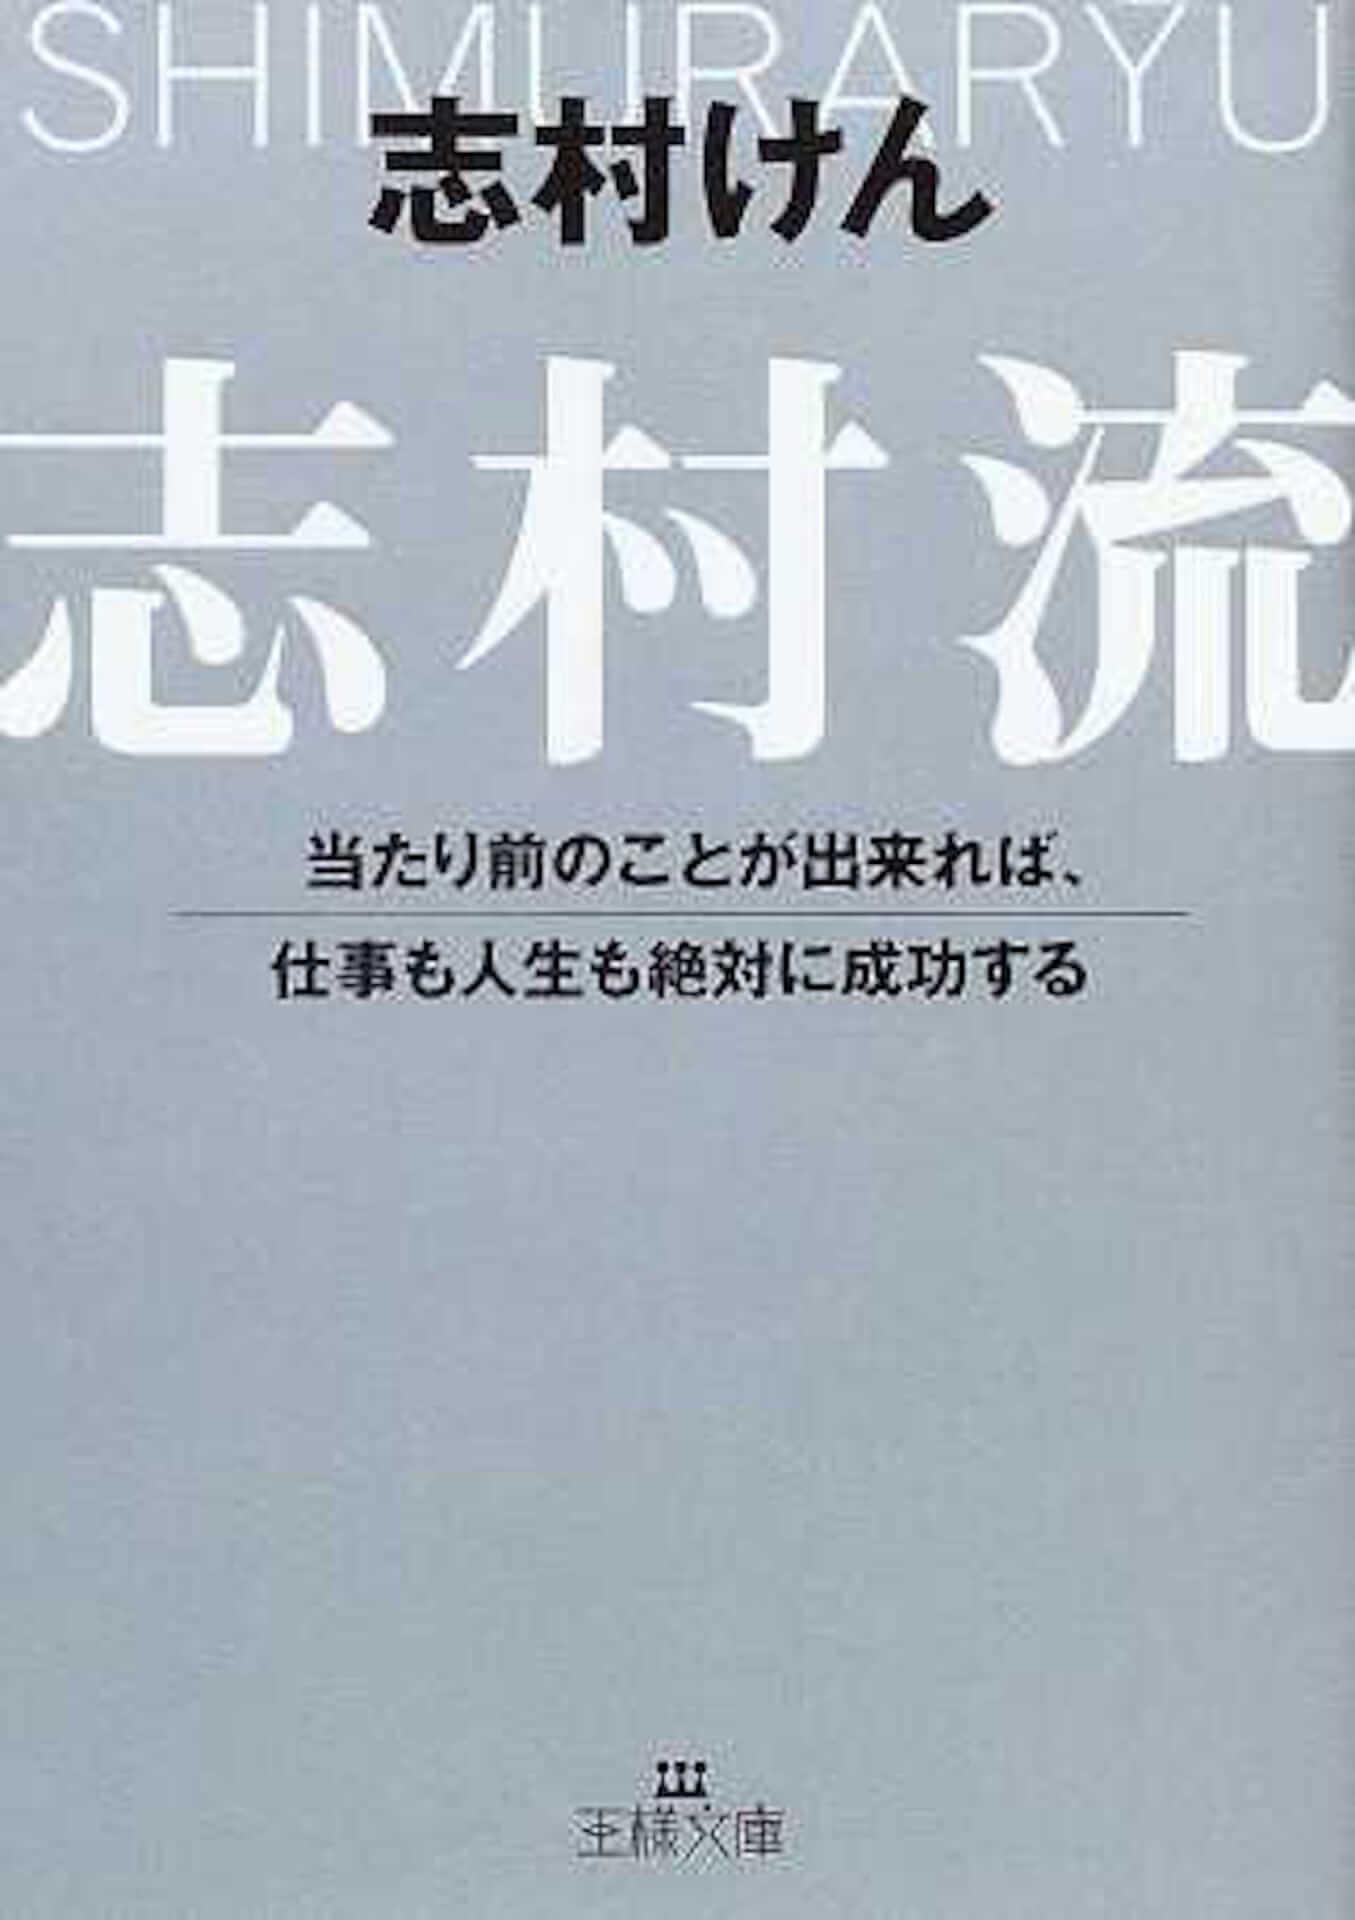 小説『ペスト』や『あつまれどうぶつの森』攻略本、志村けんのビジネス書がランクイン!honto4月の月間ランキングが発表 ac200511_honto_04